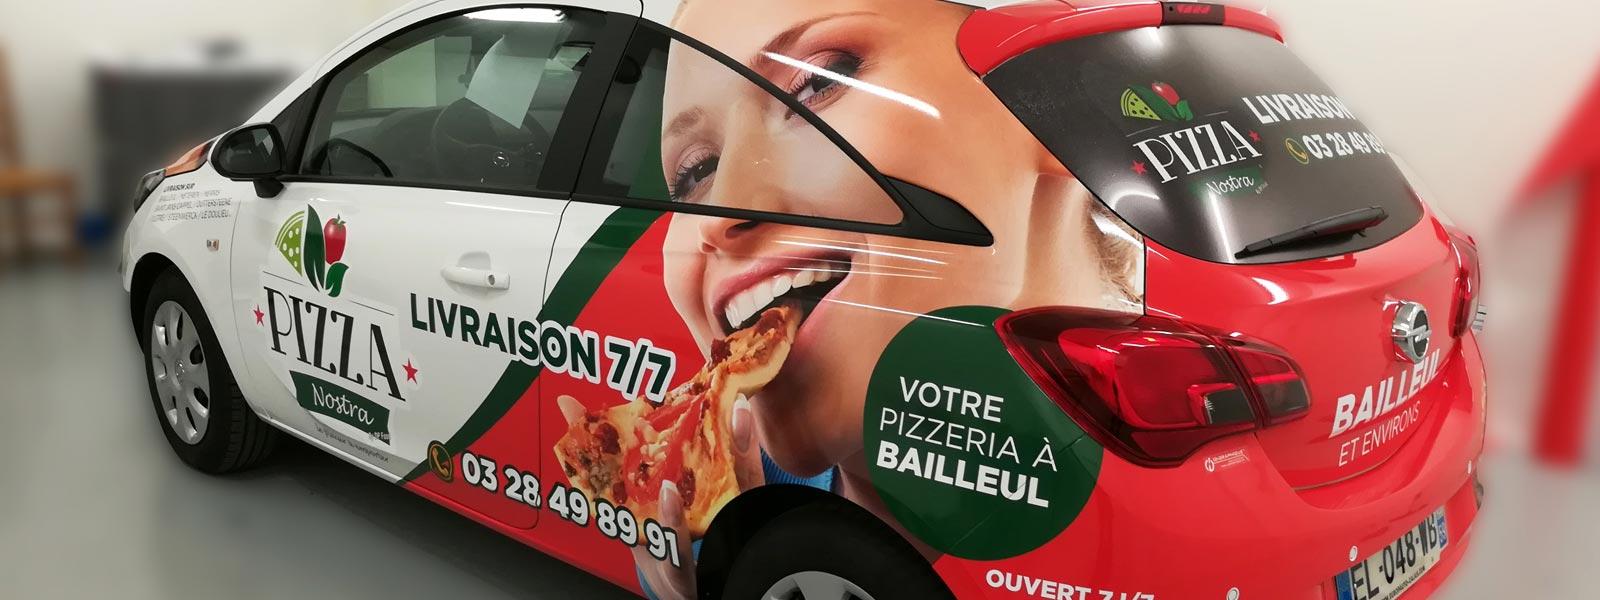 lettrage véhicule publicitaire pizzeria